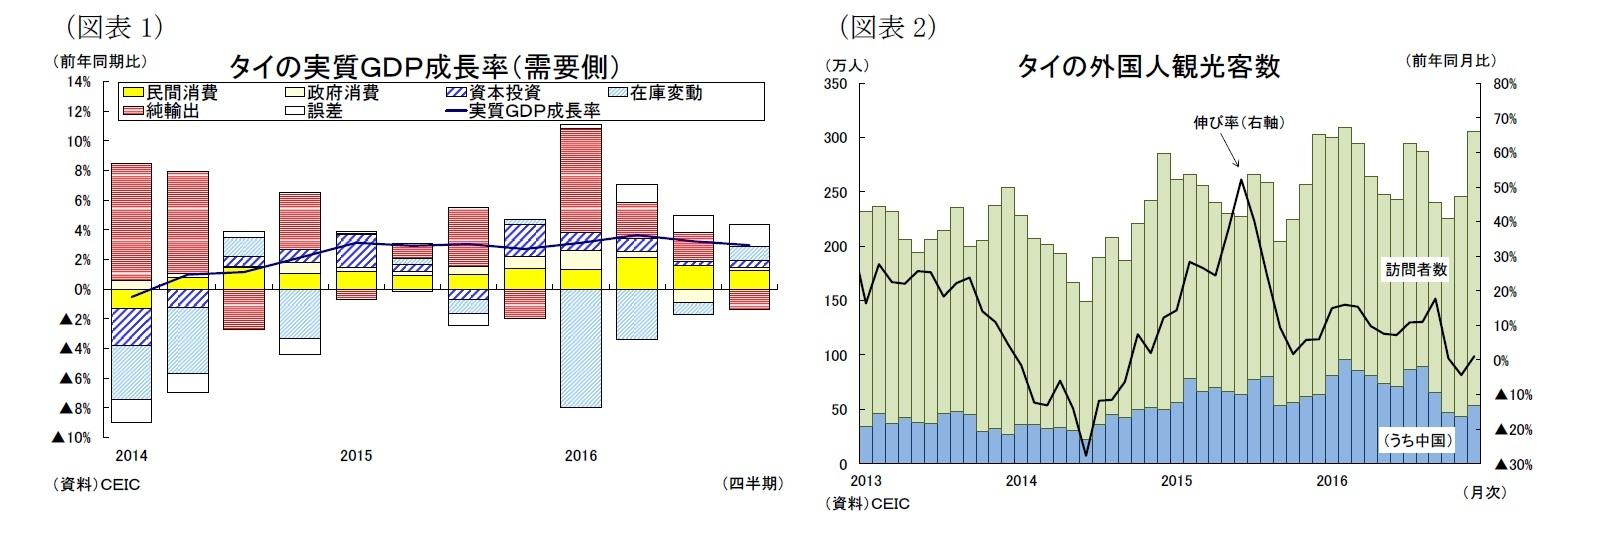 (図表1)タイの実質GDP成長率(需要側)/(図表2)タイの外国人観光客数